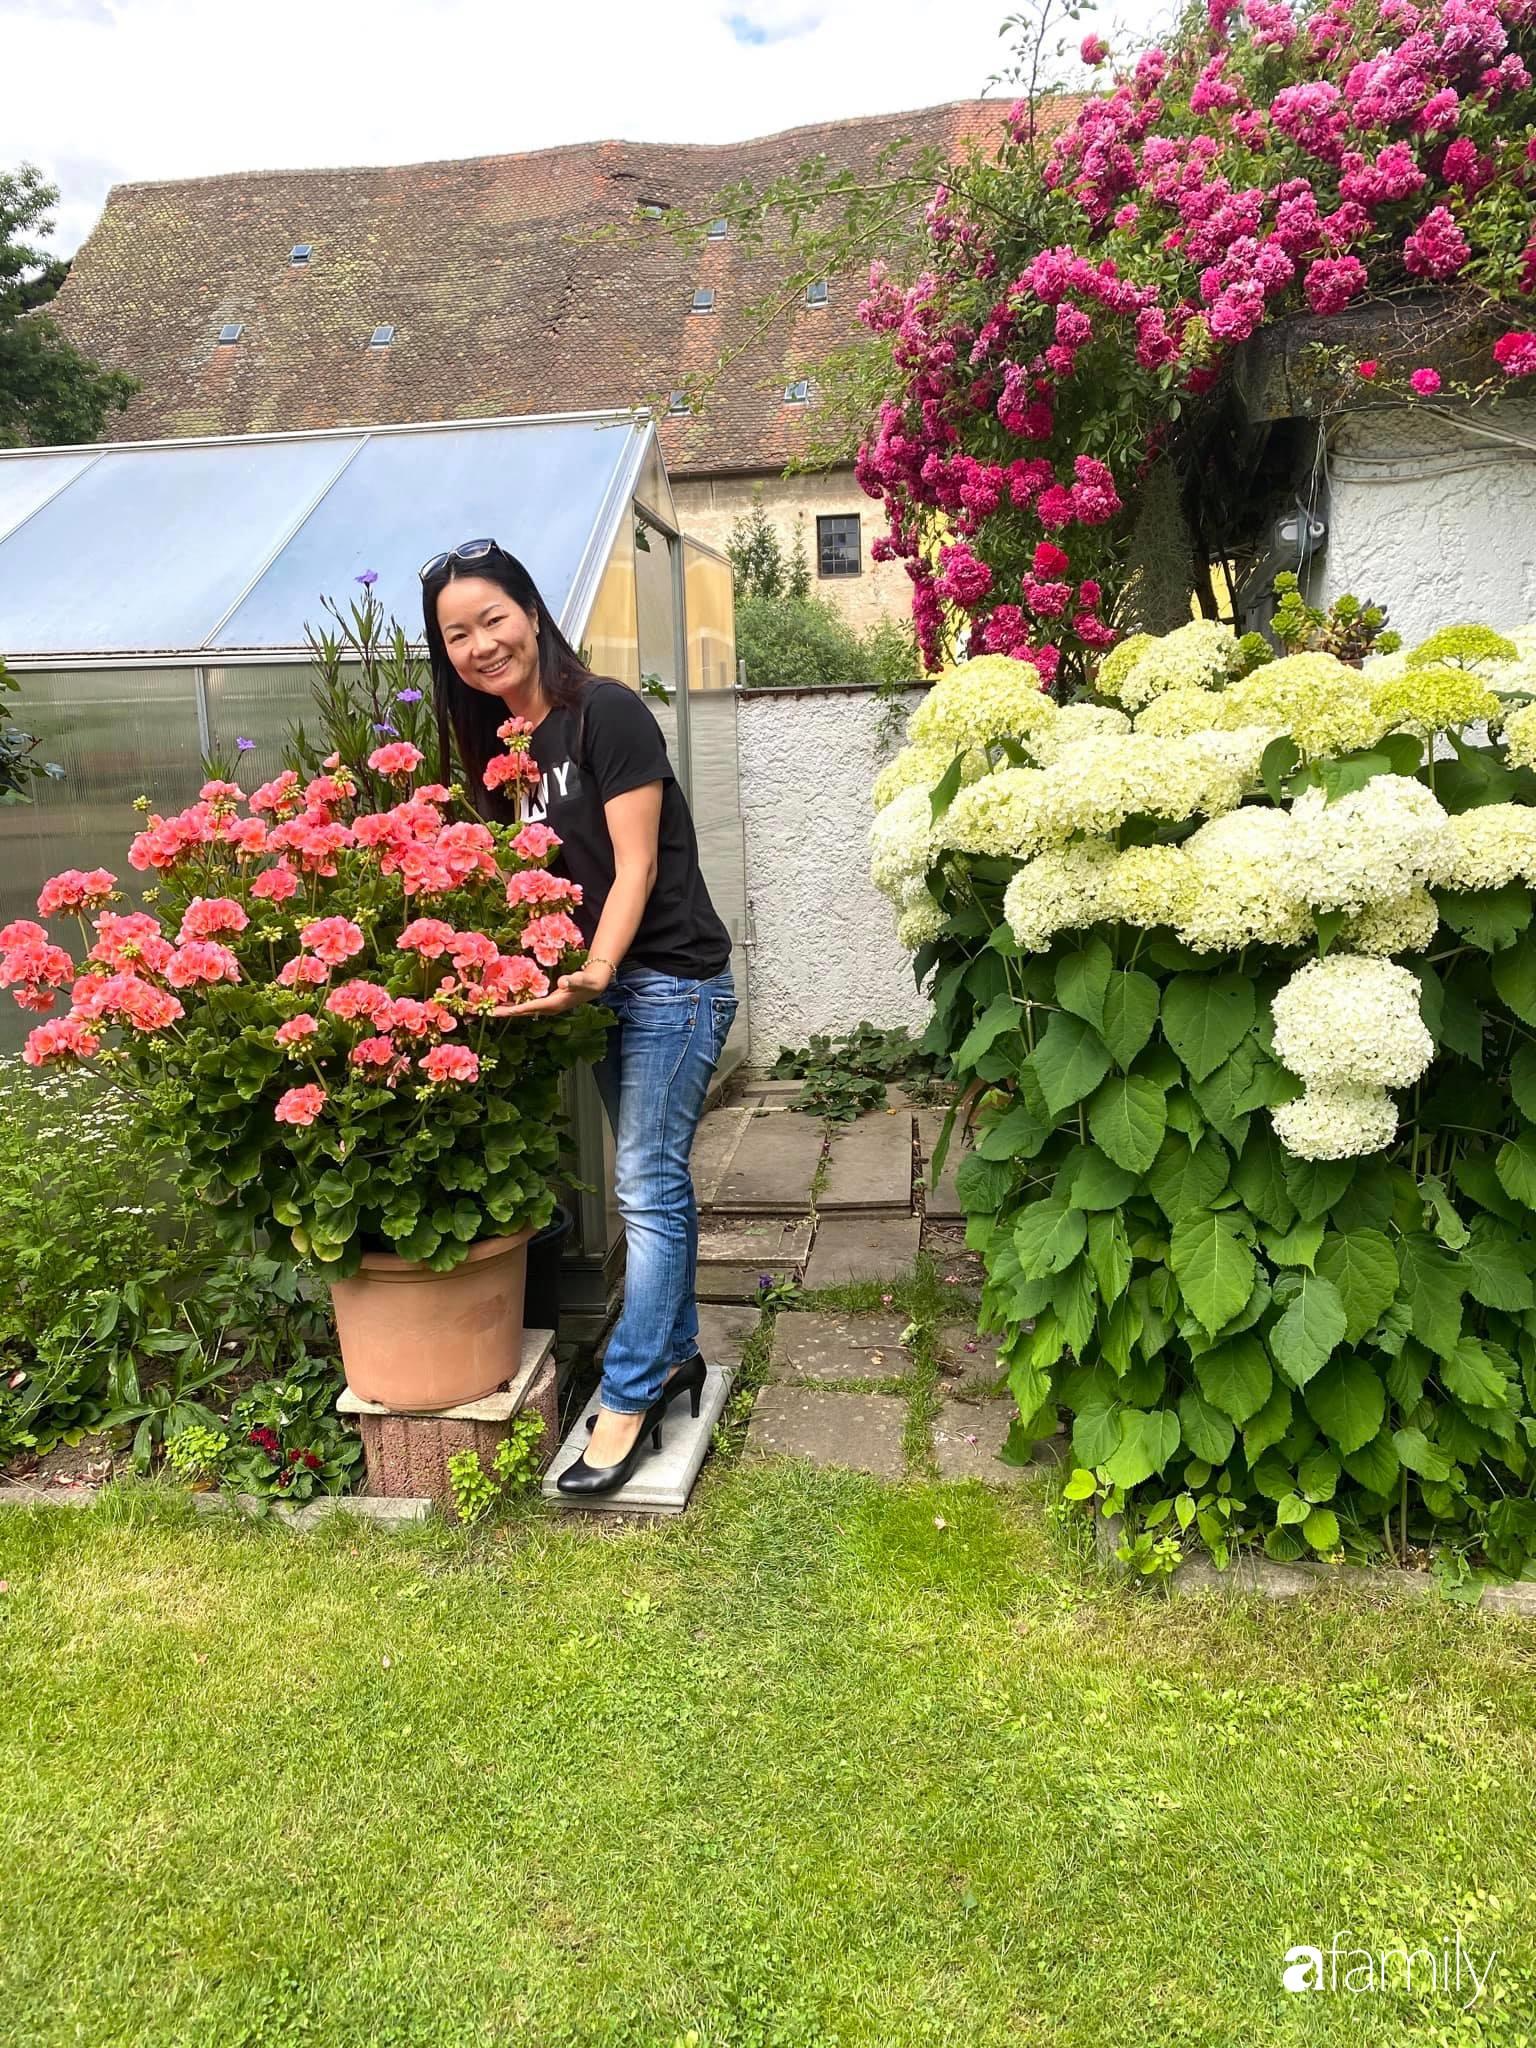 Khu vườn 200m² quanh năm xanh tươi với đủ loại rau quả sạch của mẹ Việt ở Đức - Ảnh 1.